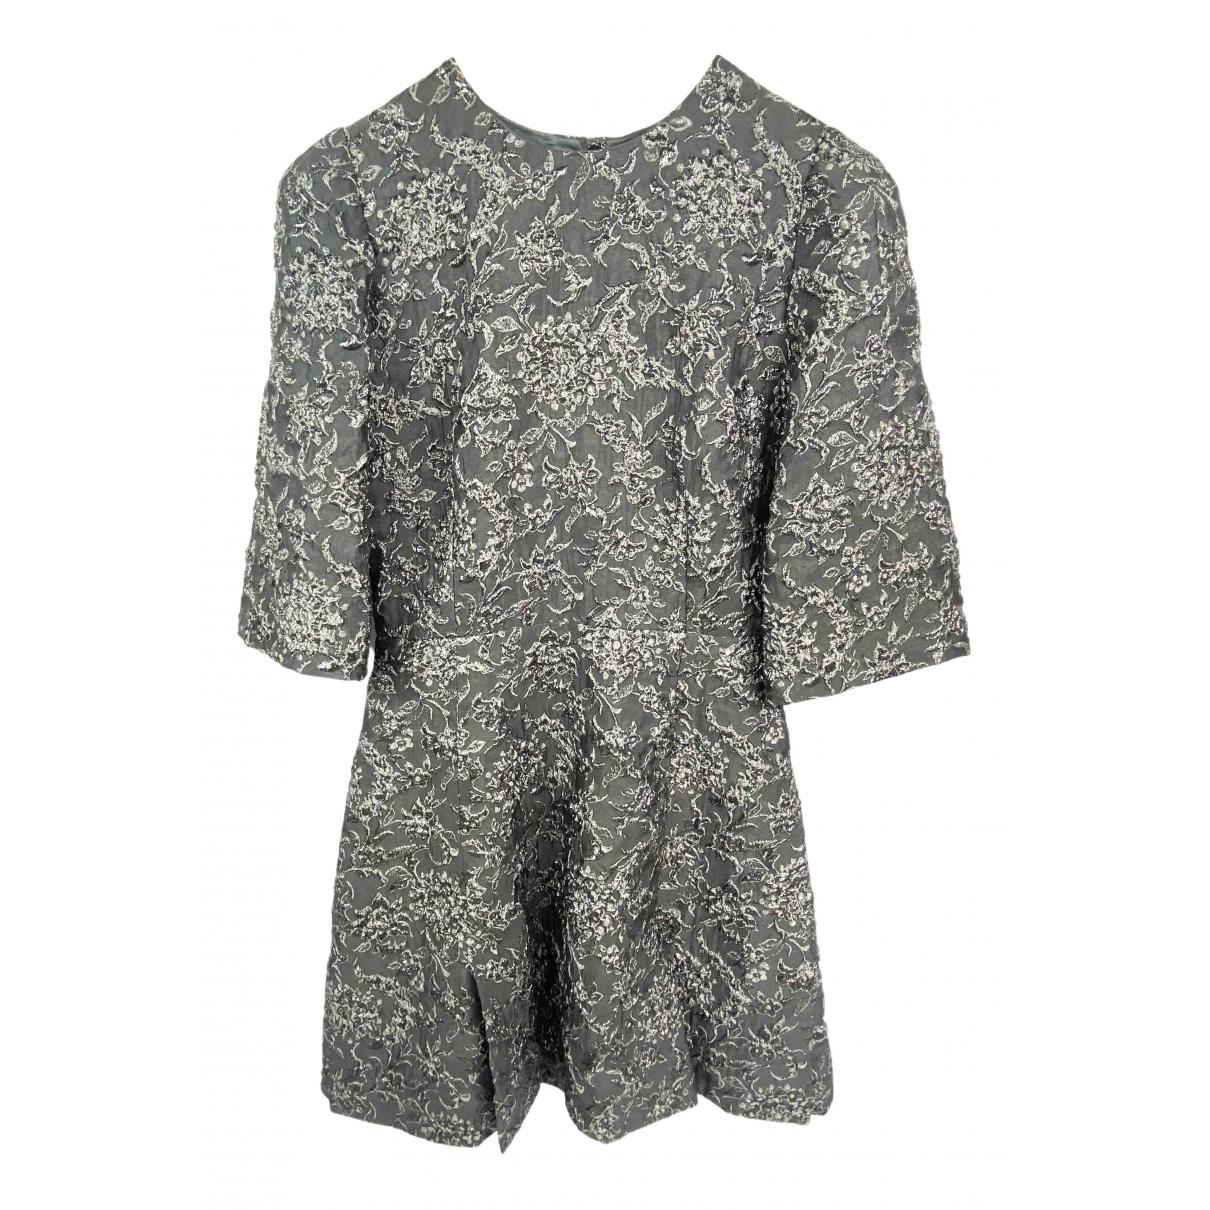 Dolce & Gabbana \N Kleid in  Grau Mit Pailletten